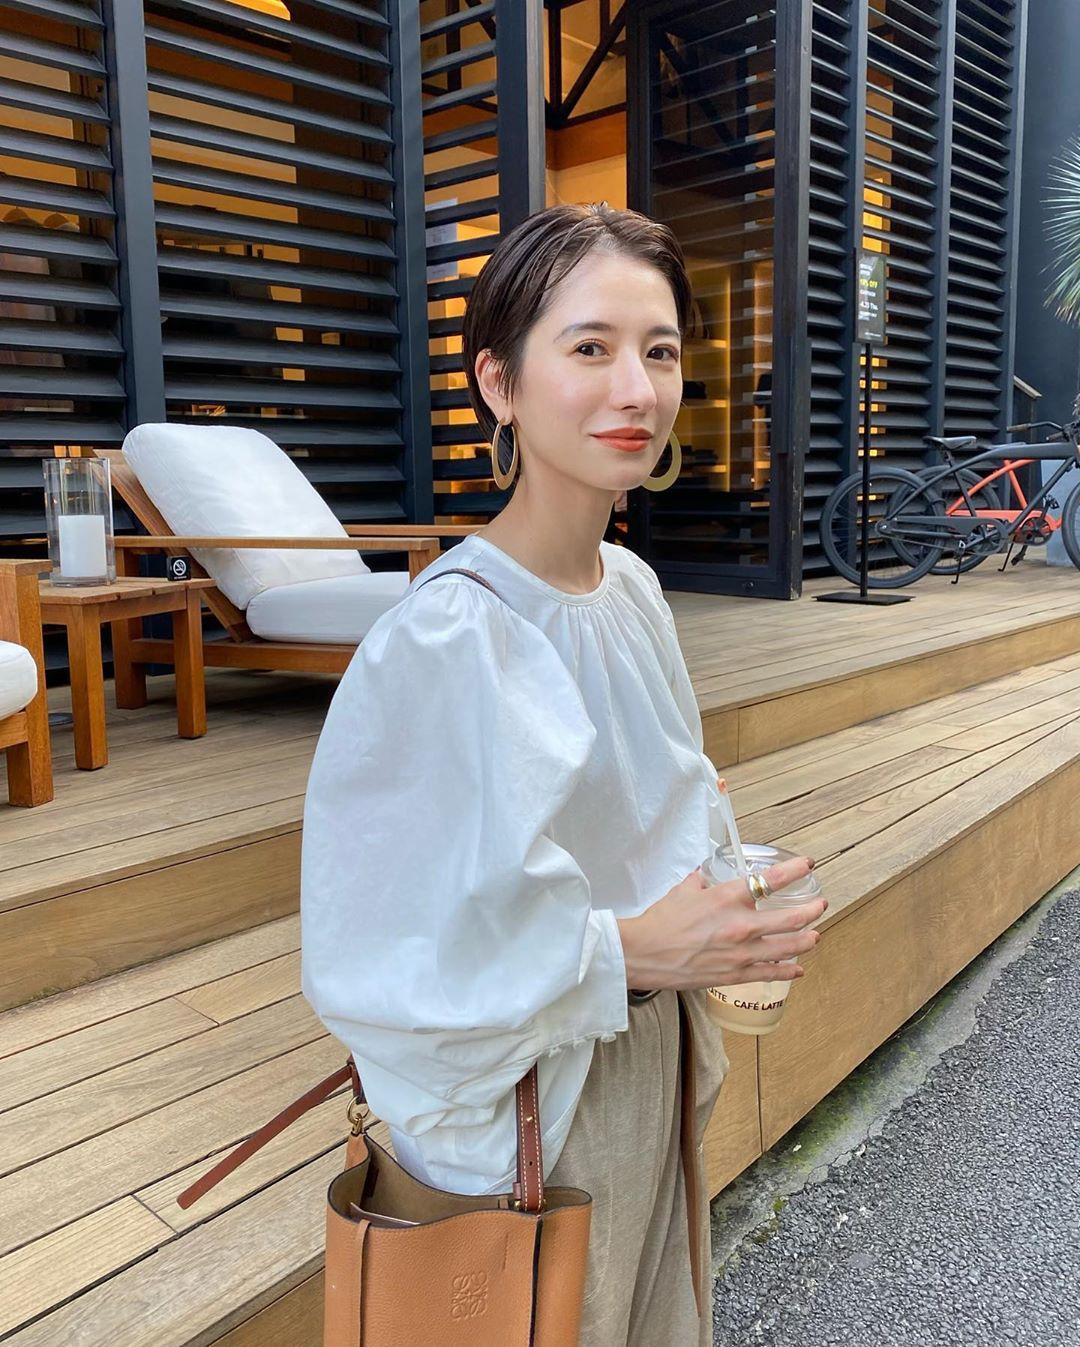 Nàng công sở Nhật chỉ cao 1m58 vẫn mặc đẹp hack dáng khiến đồng nghiệp phải khen ngợi - Ảnh 4.